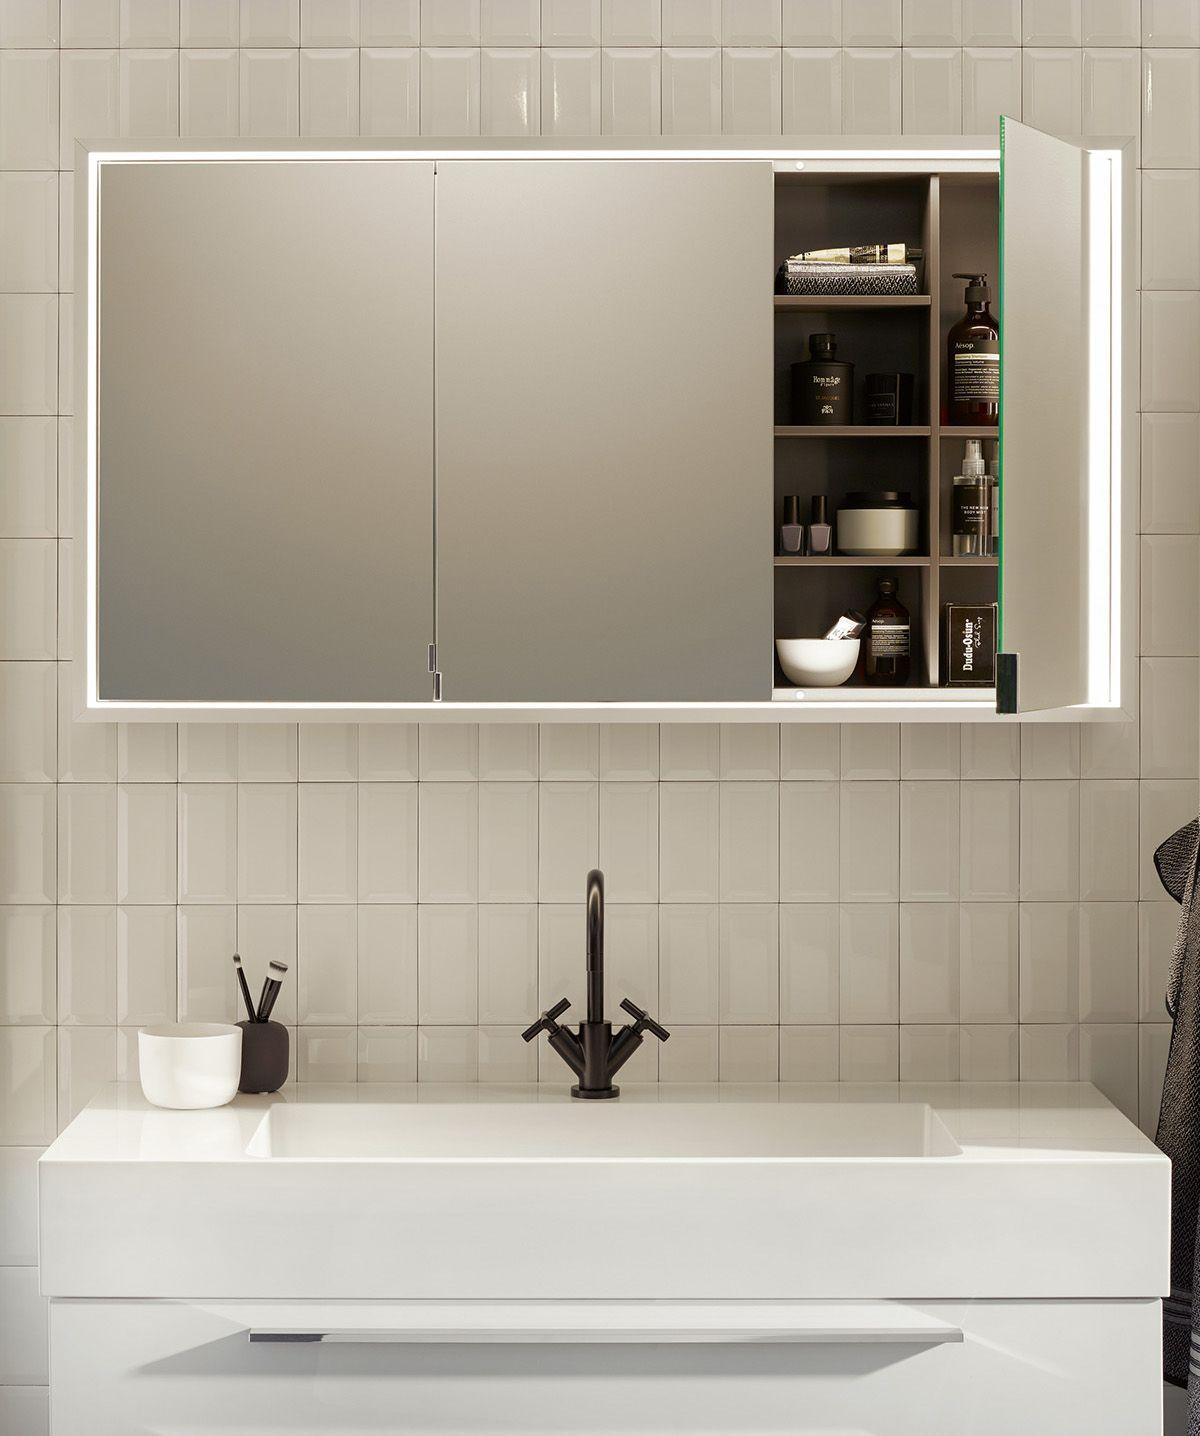 Burgbad Crono Aufputz Und Einbau Spiegelschrank Mit Umlaufendem Led Licht Produktdesign Nexu Einbau Spiegelschrank Spiegelschrank Badezimmer Spiegelschrank